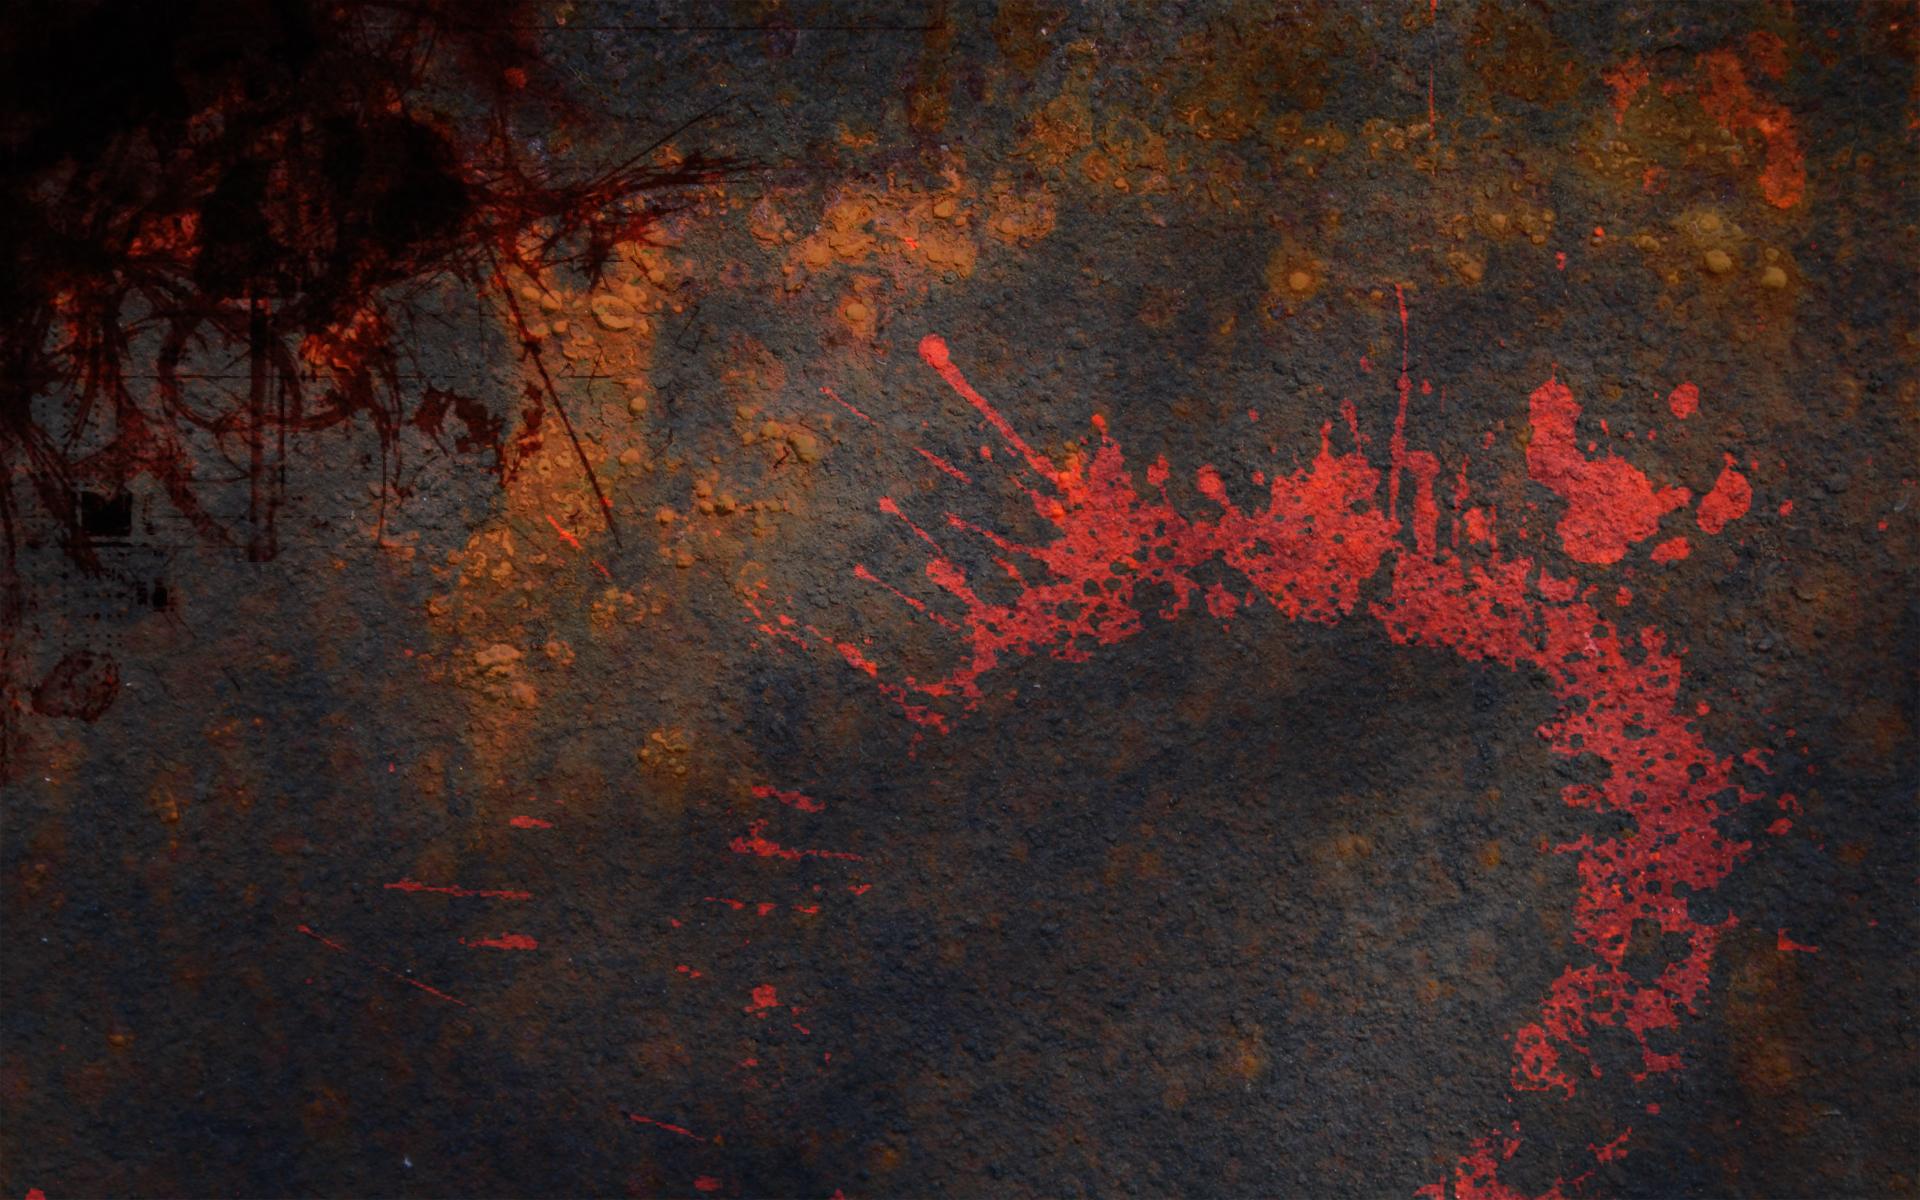 Grunge Metal Wallpaper 1920x1200 Grunge Metal Paint Splashes 1920x1200